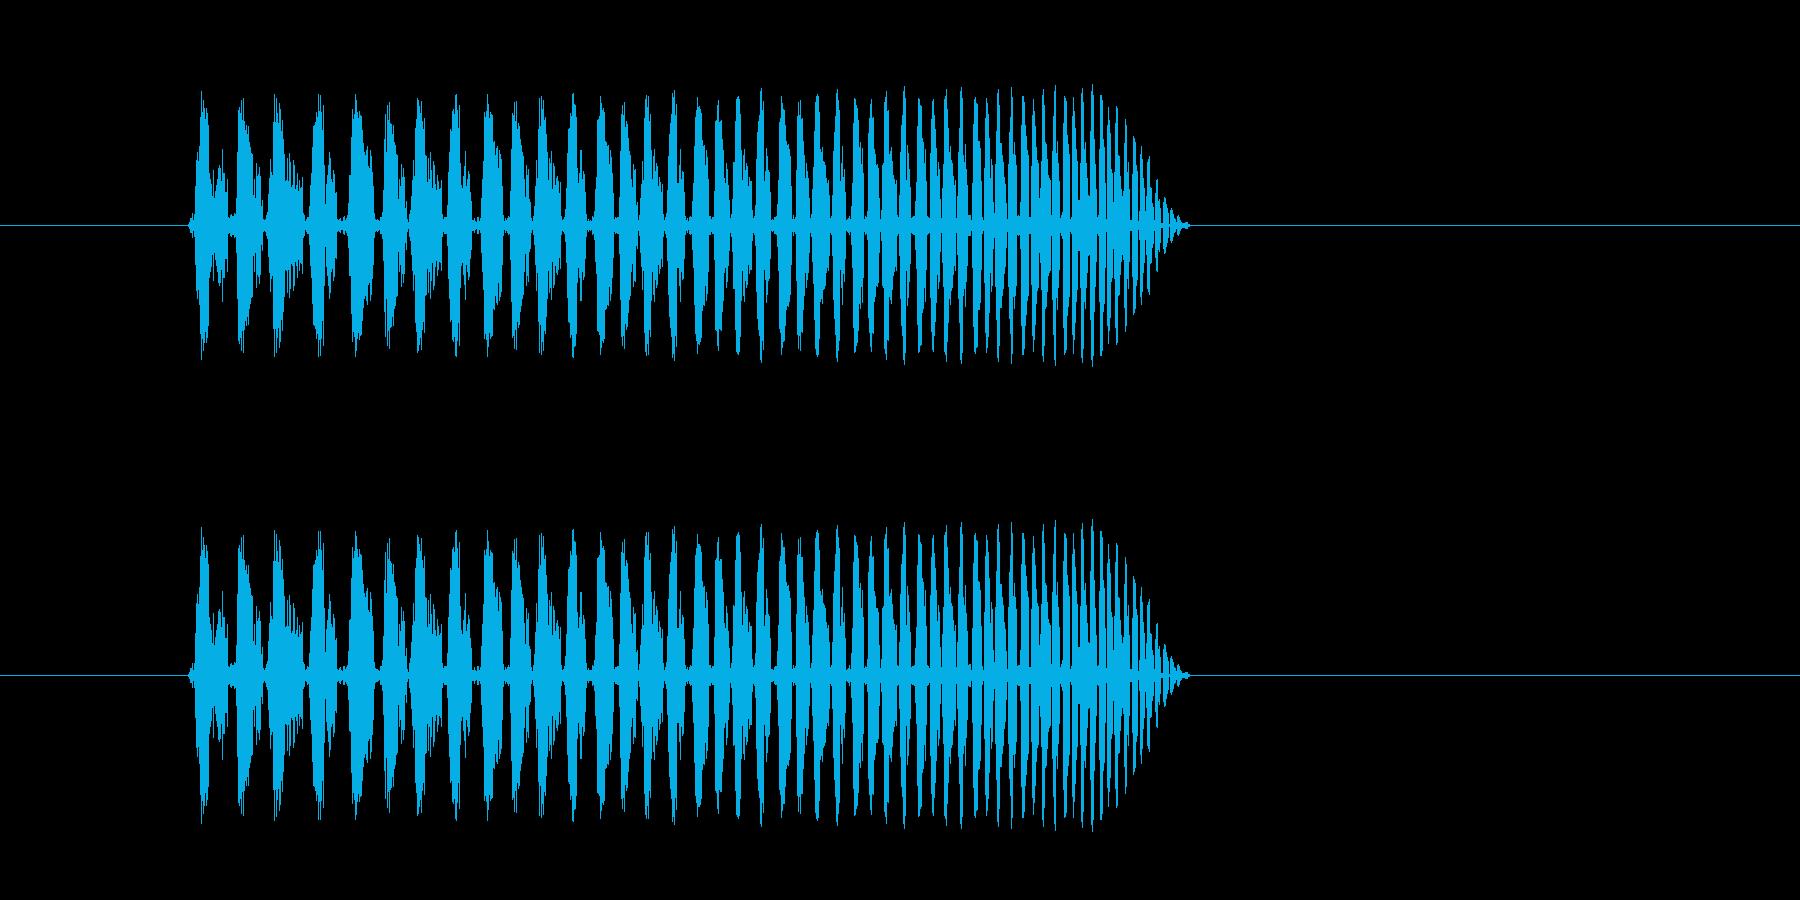 どんどん早くなる、高速回転音の再生済みの波形